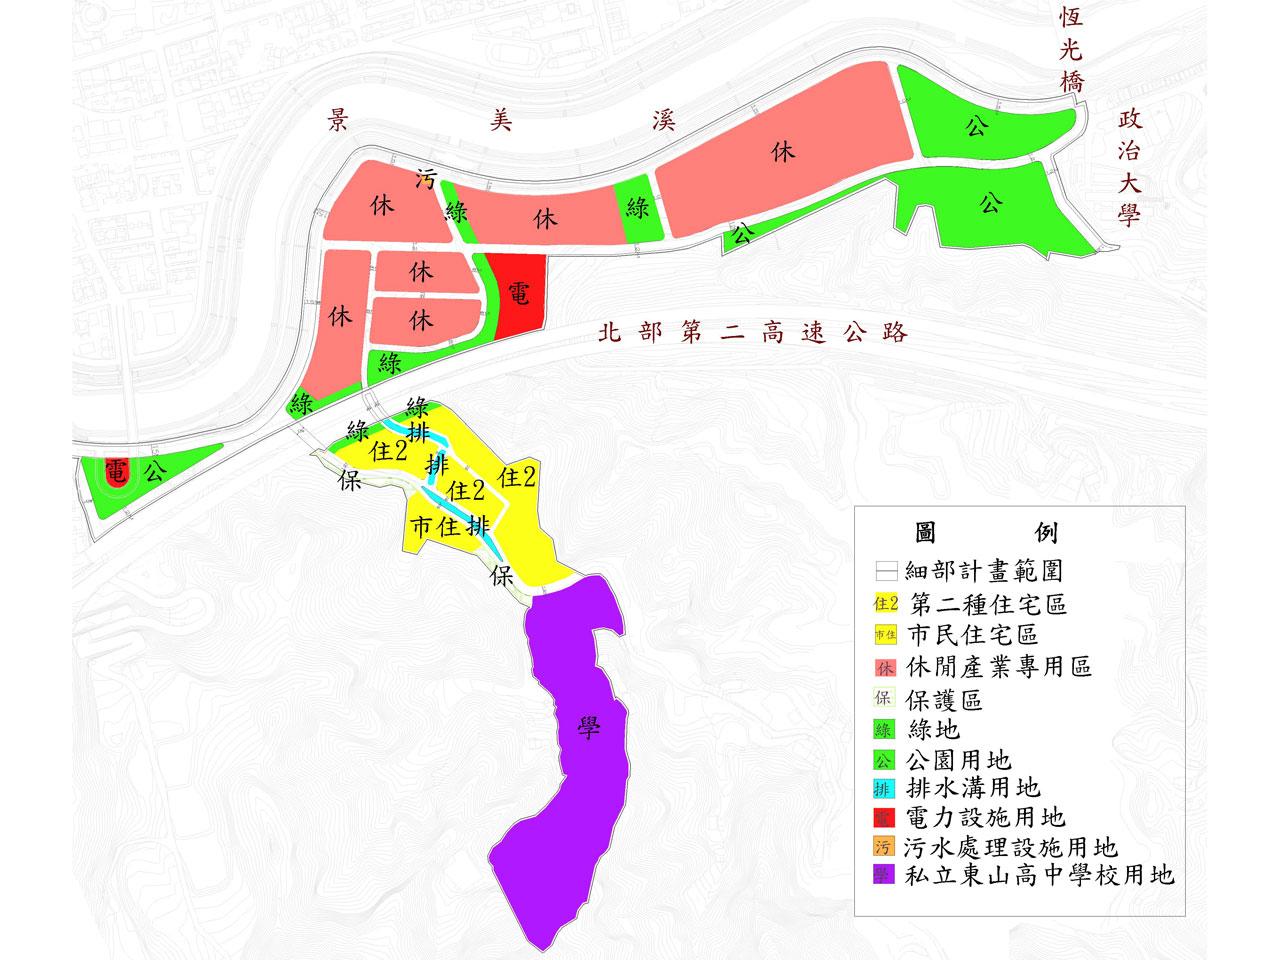 開新視窗-老泉里附近地區擬辦區段徵收土地使用分區圖